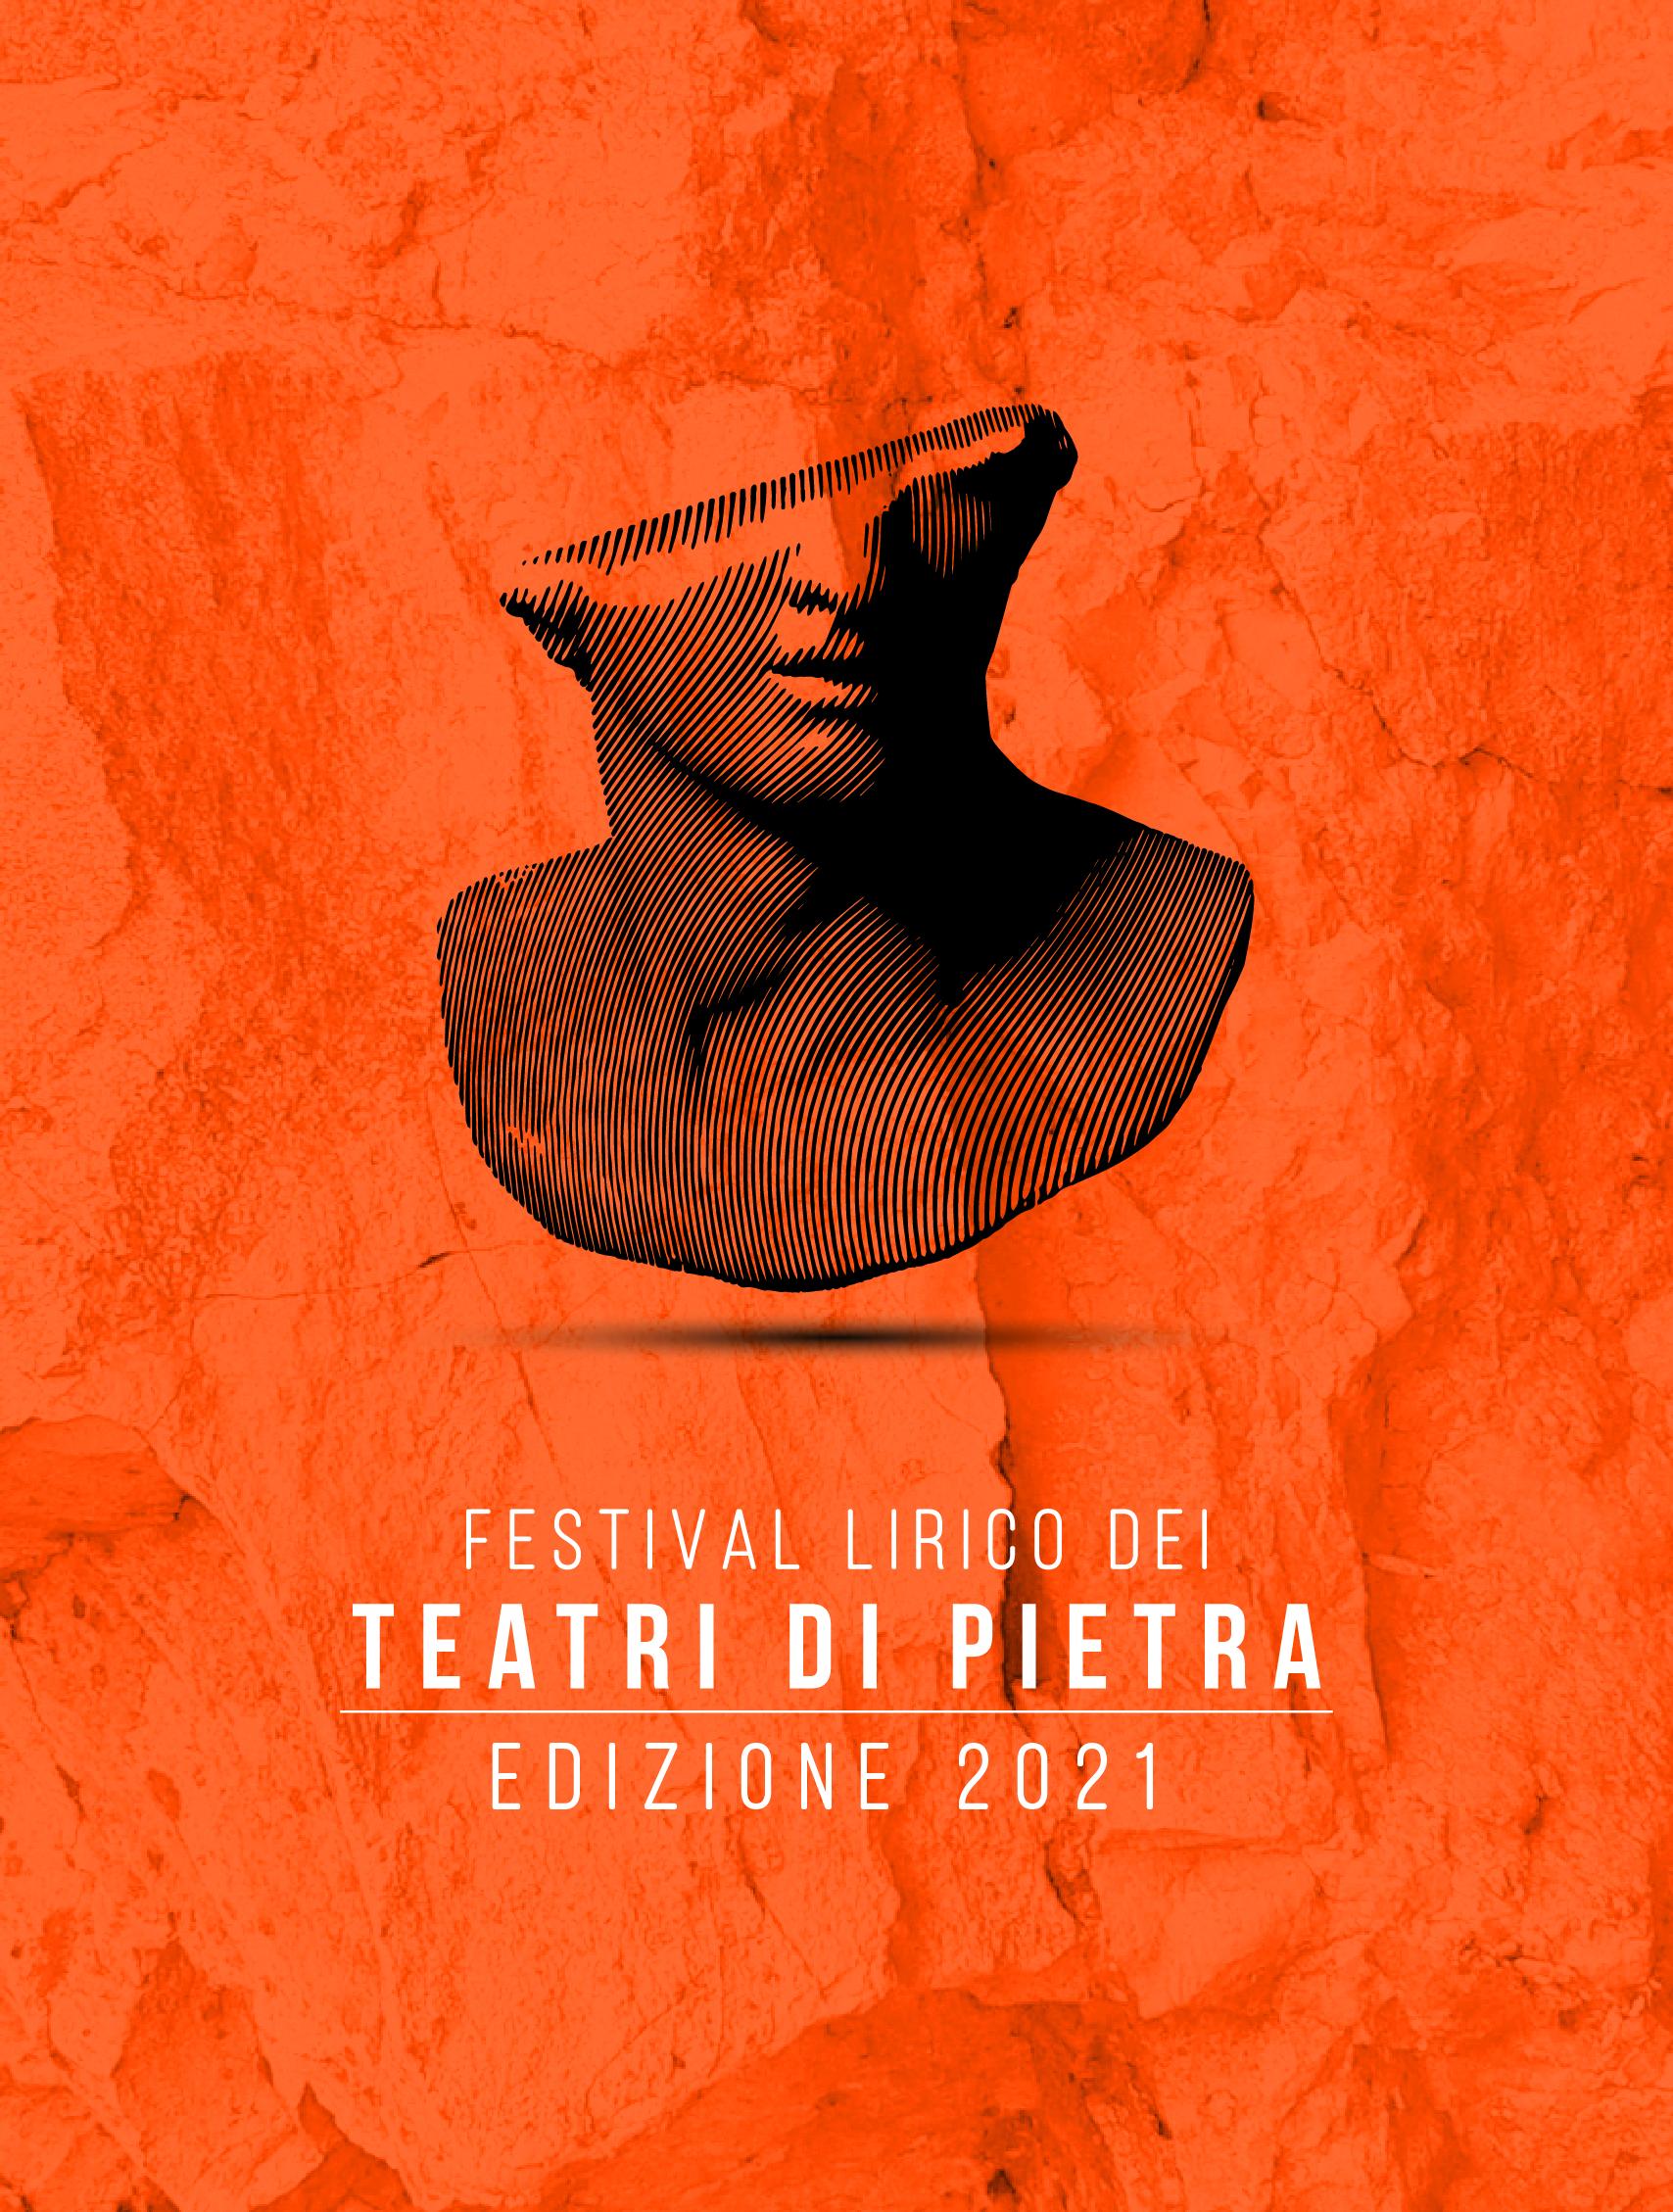 FESTIVAL LIRICO DEI TEATRI DI PIETRA 2021